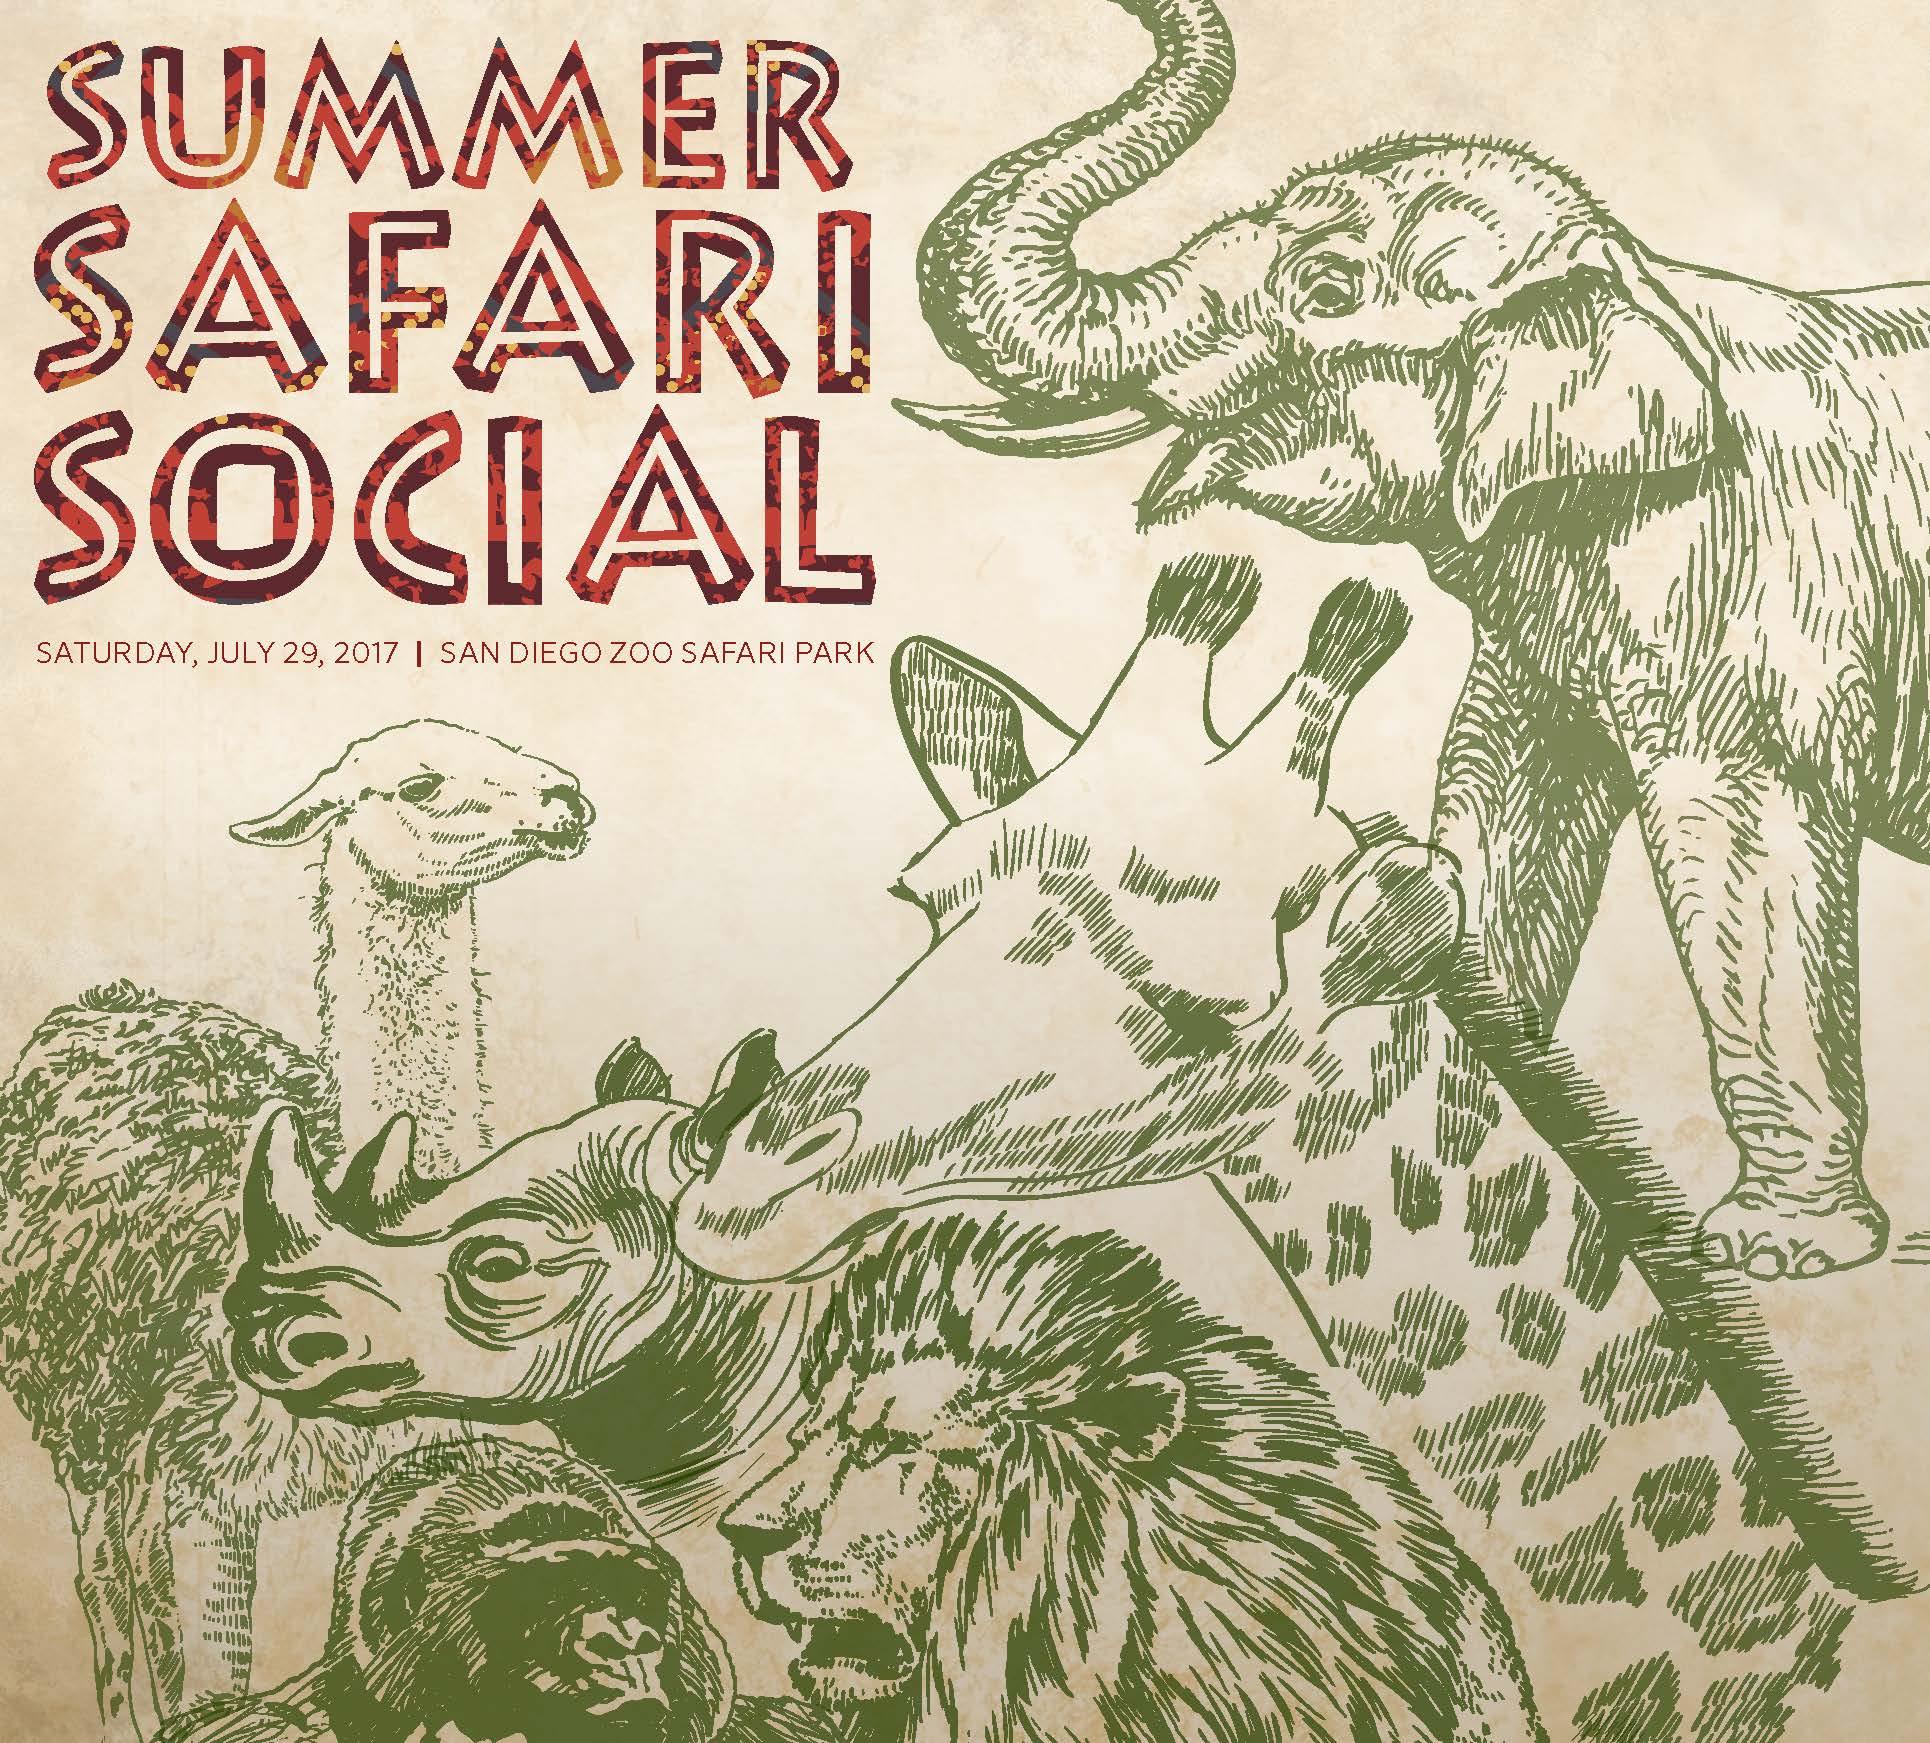 Hunter's Summer Safari Social 2017